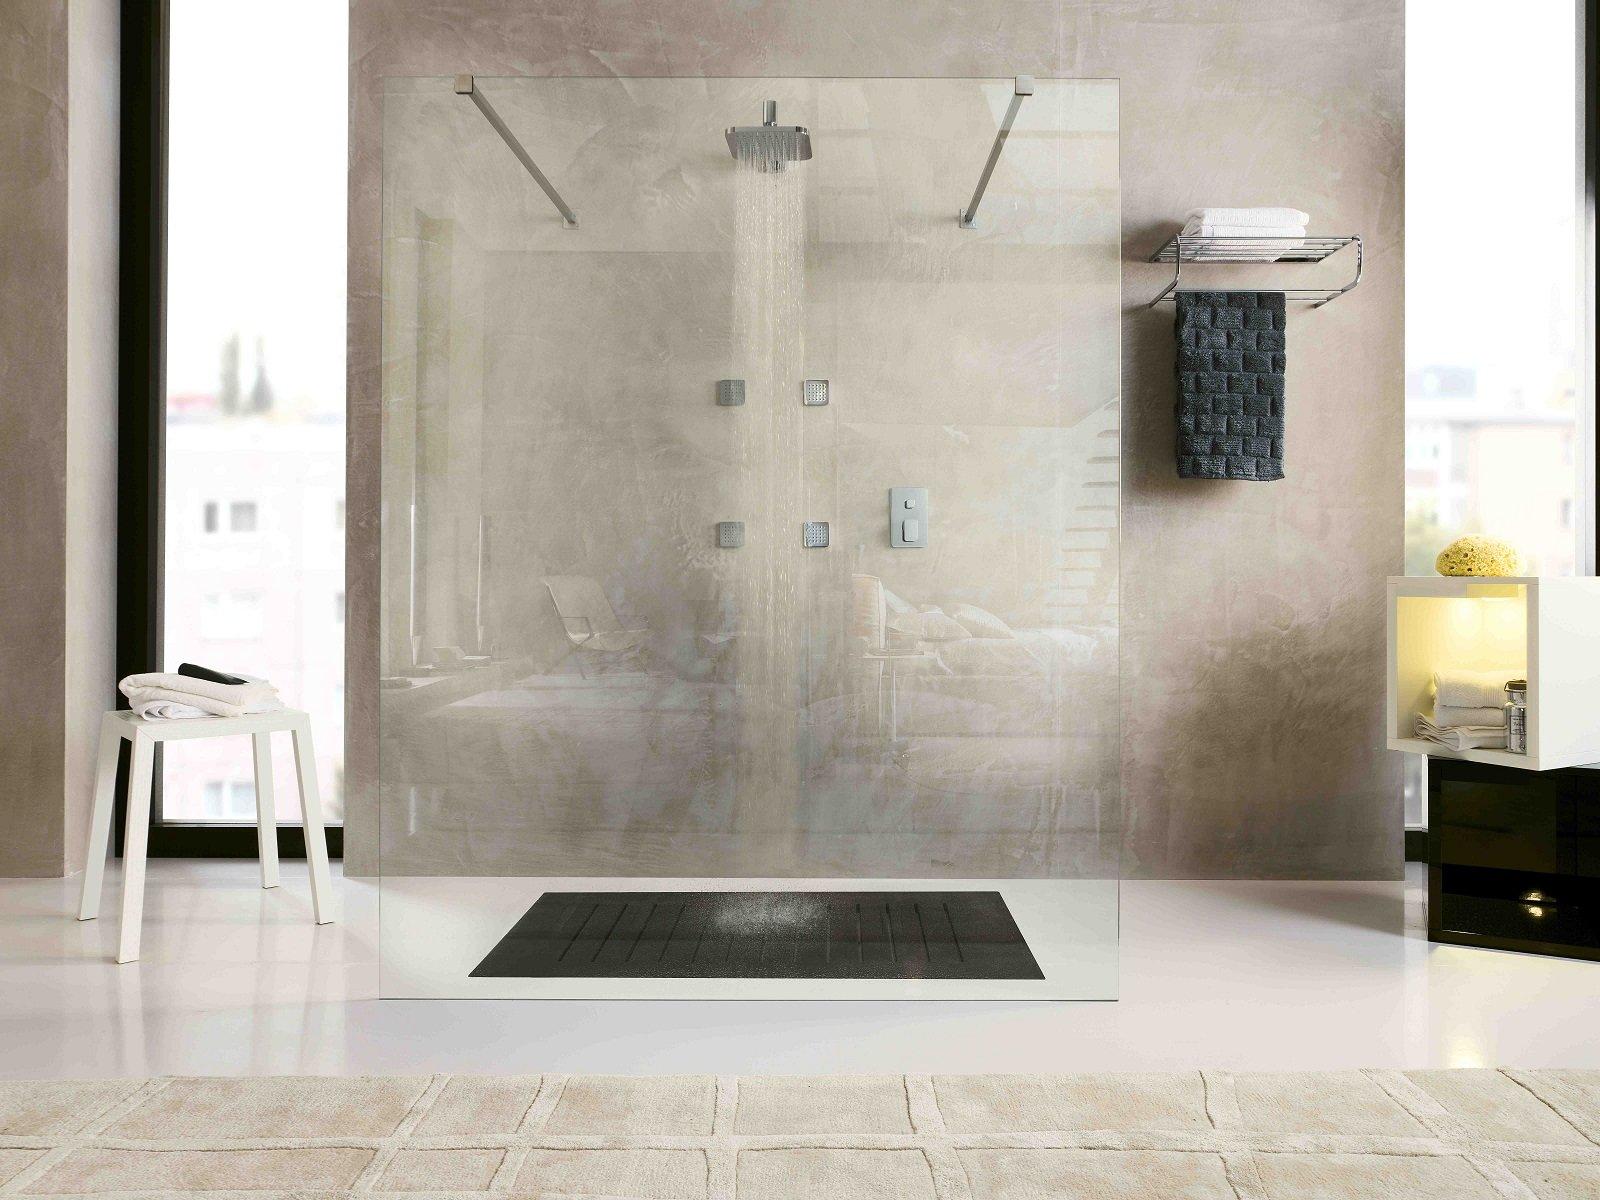 A parete o a soffitto i moderni soffioni doccia assicurano momenti di piacere e benessere - Soffione doccia da incasso ...